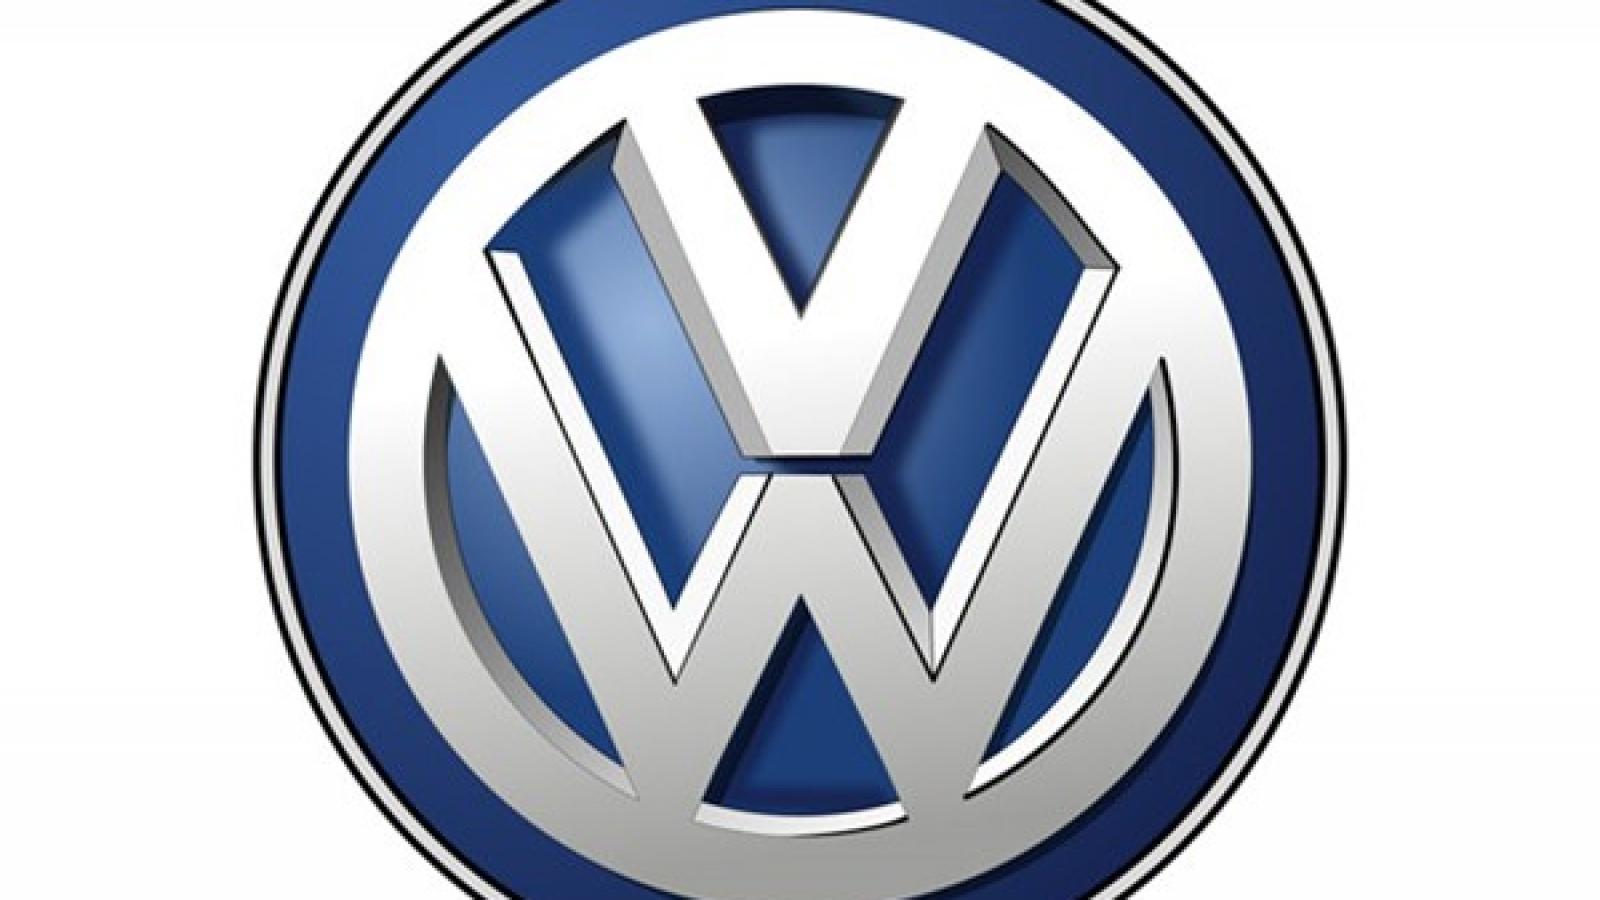 فولکس واگن پرفروش ترین خودروساز جهان شد - اجاره خودرو طباطبایی